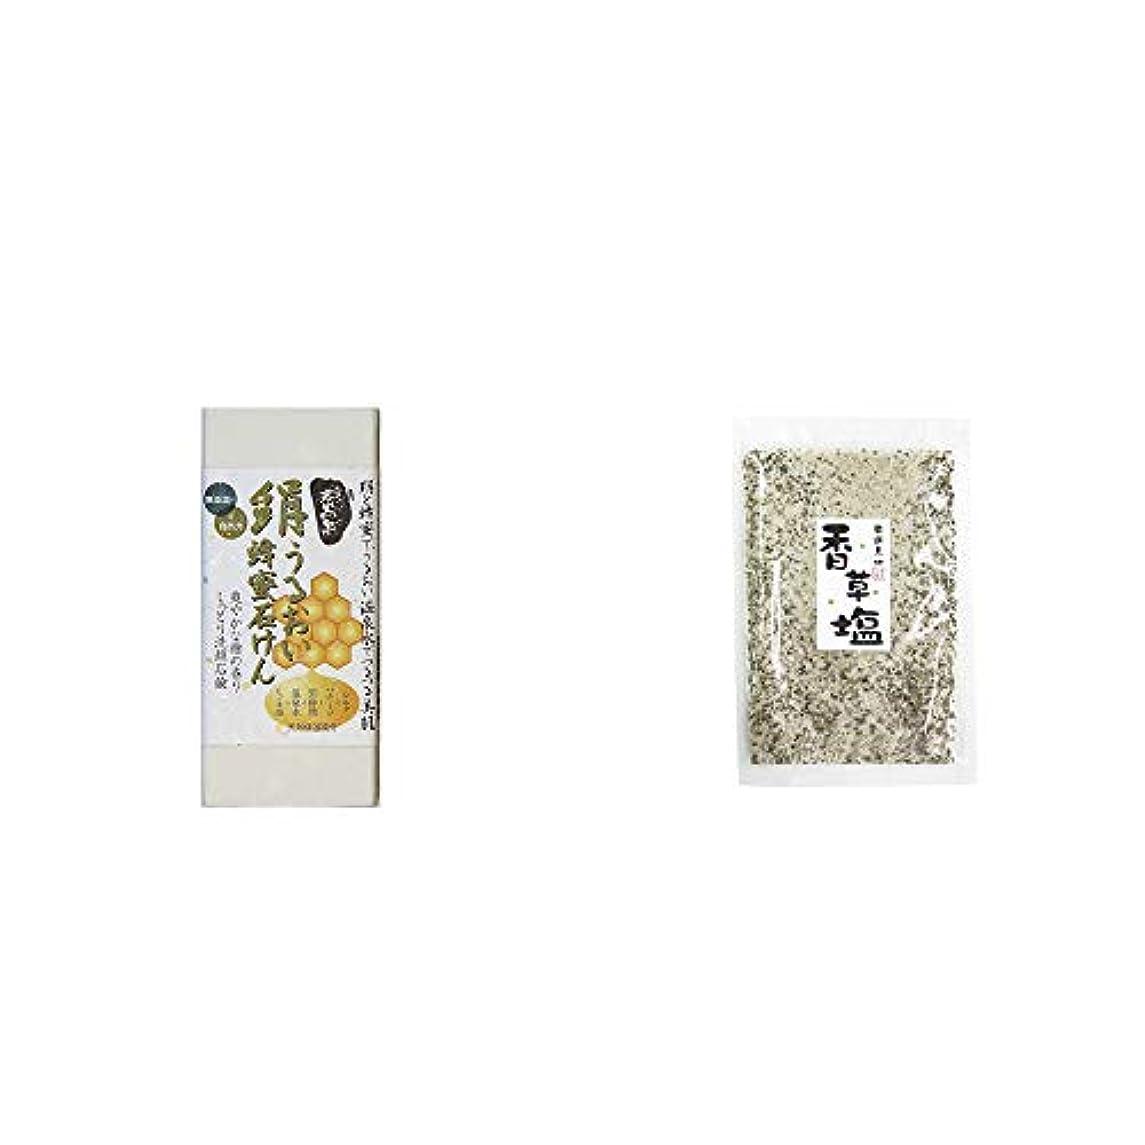 [2点セット] ひのき炭黒泉 絹うるおい蜂蜜石けん(75g×2)?香草塩 [袋タイプ](100g)